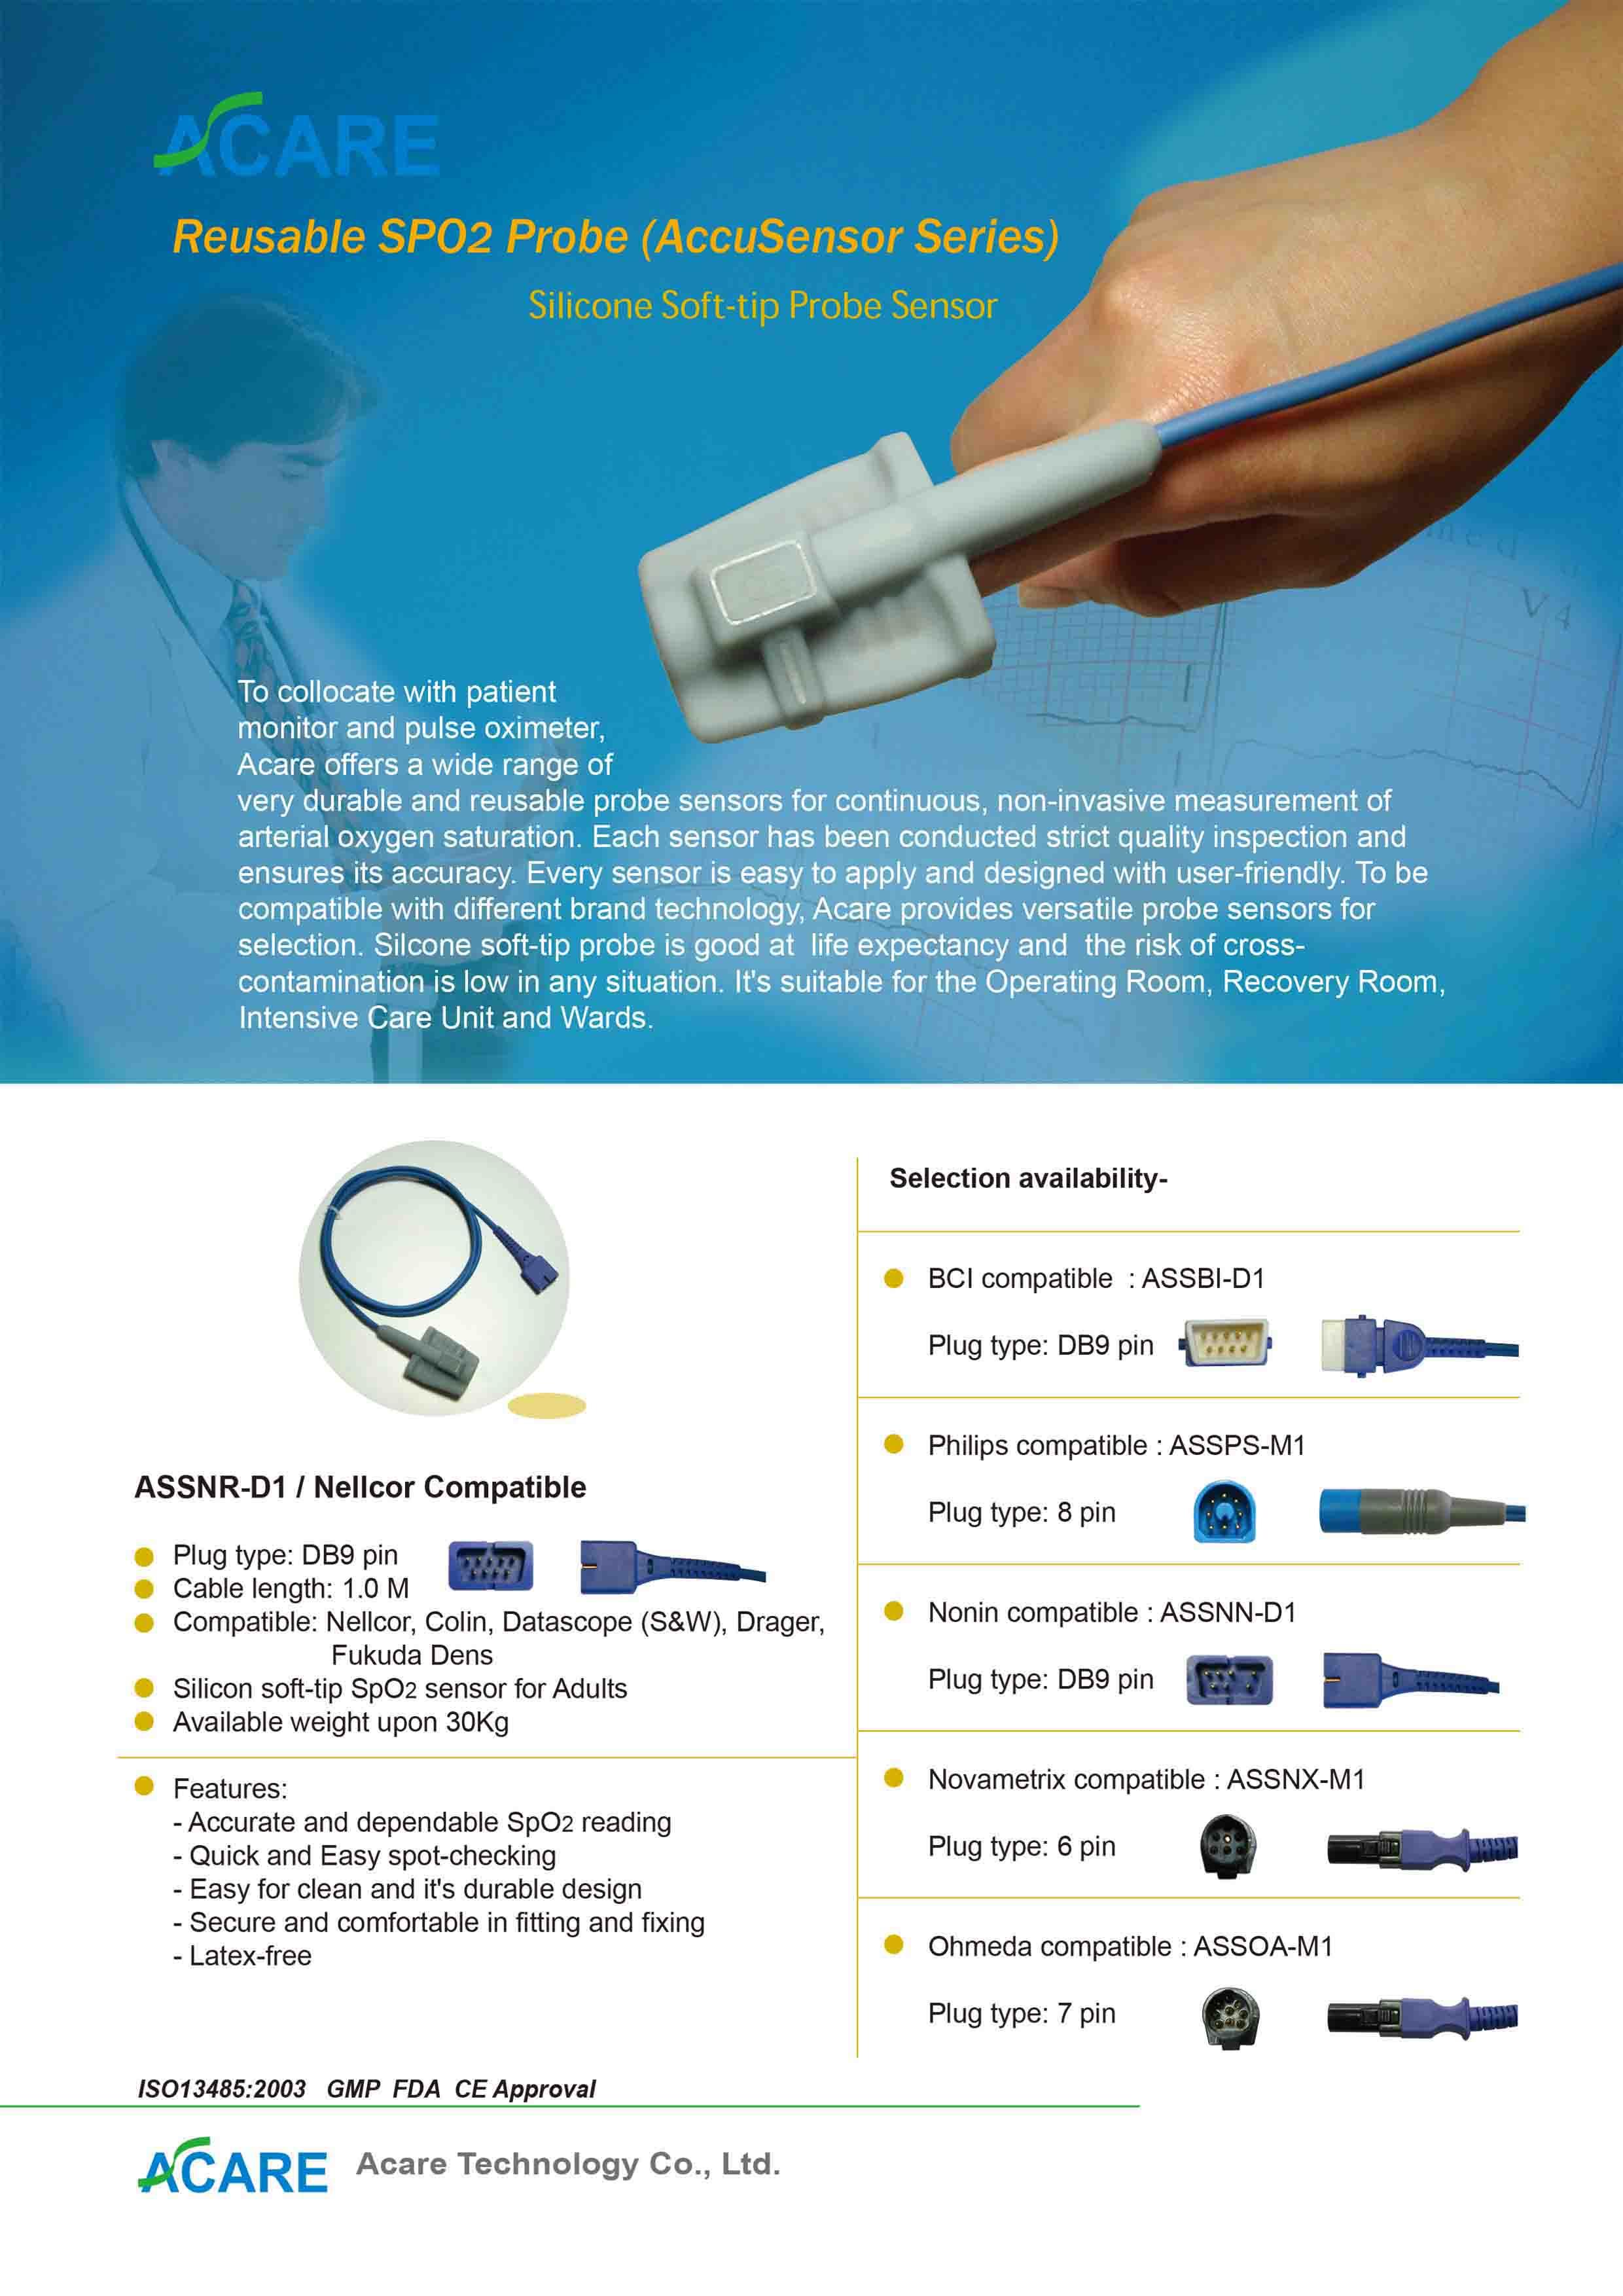 Soft-tip SpO2 Probe Sensor